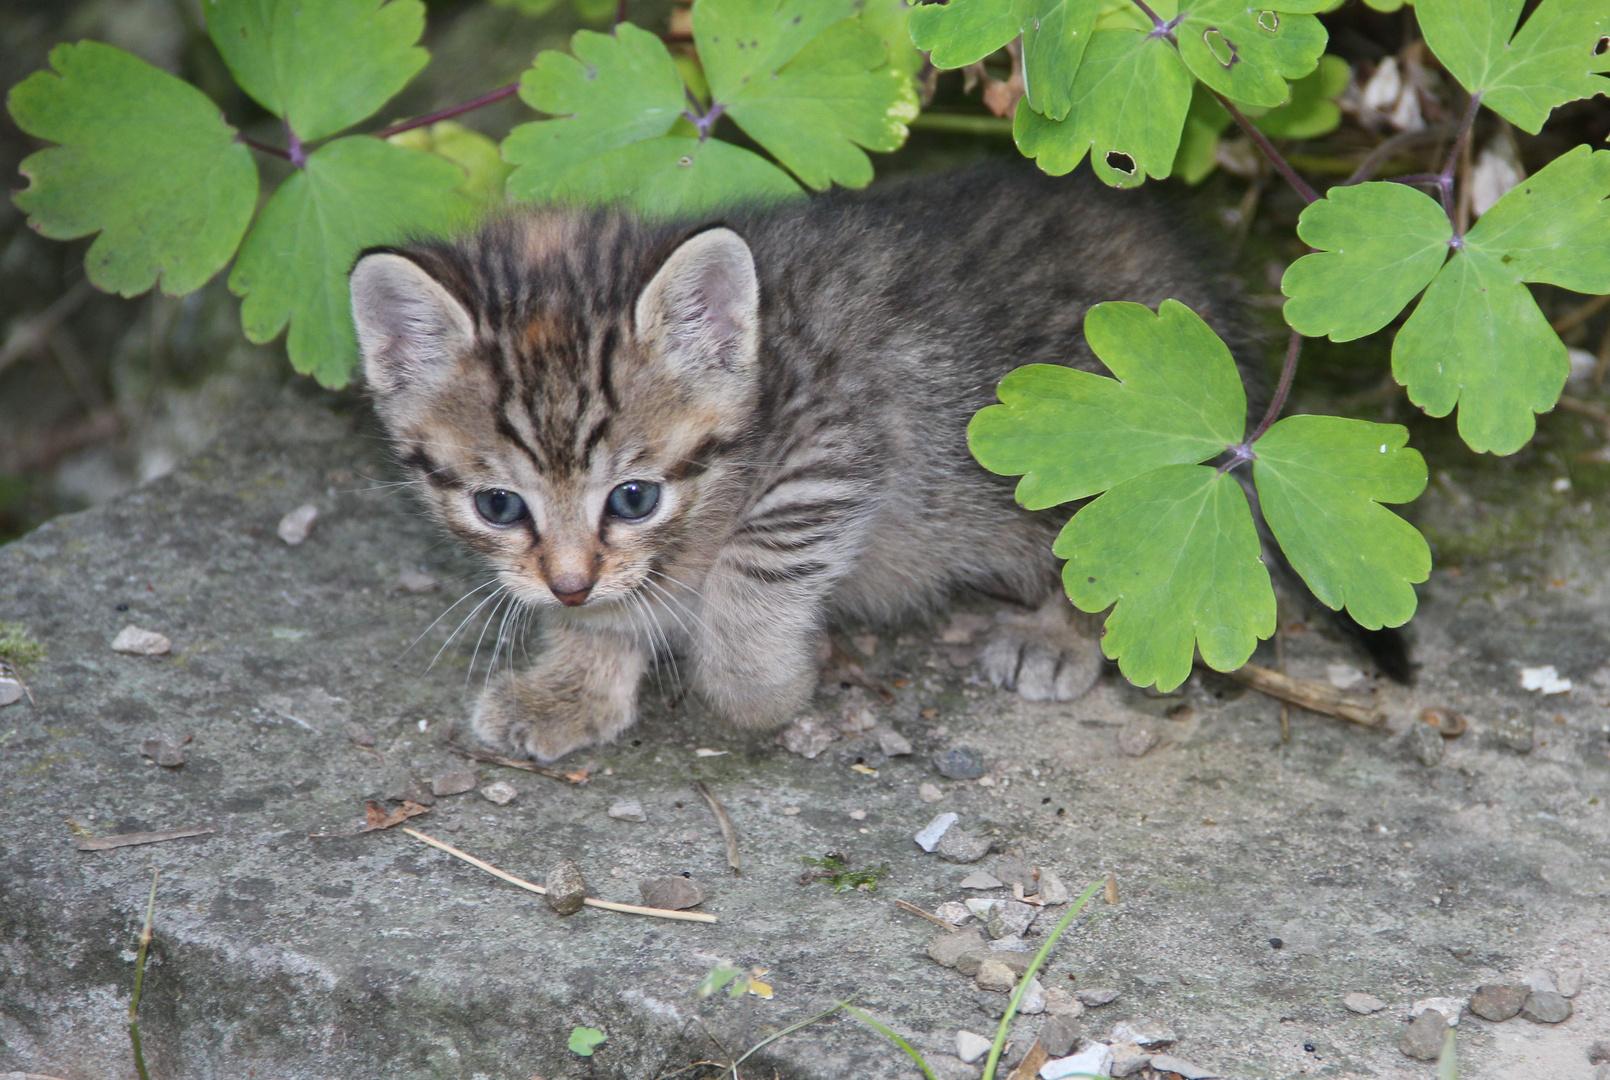 Kleines Tigerli.....neugierig erkundet es die Umgebung